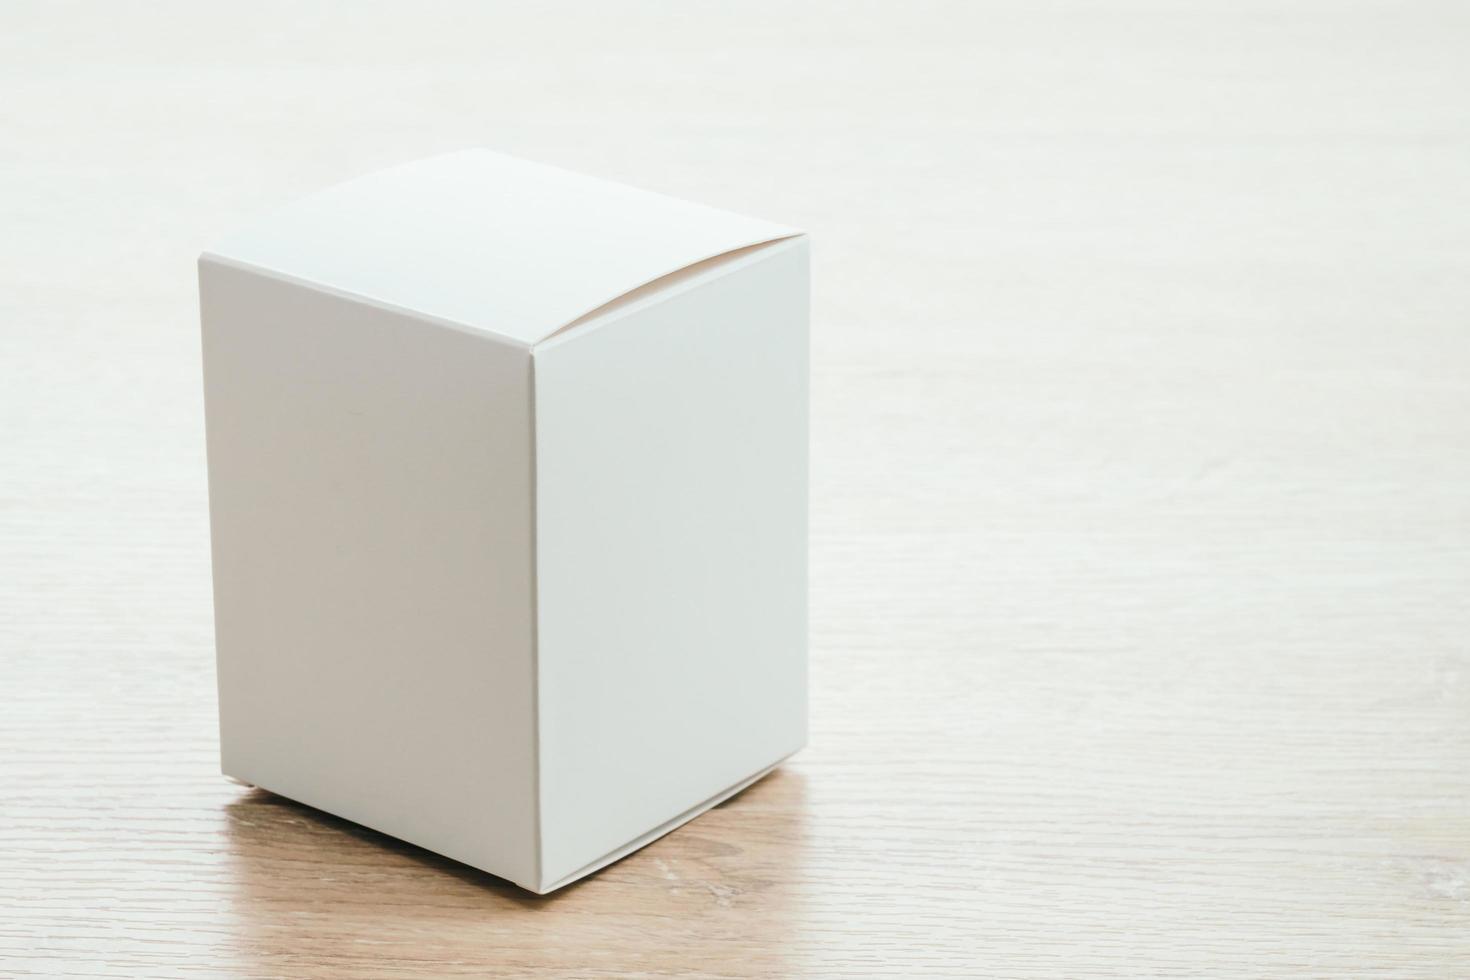 simulação de caixa de papel foto